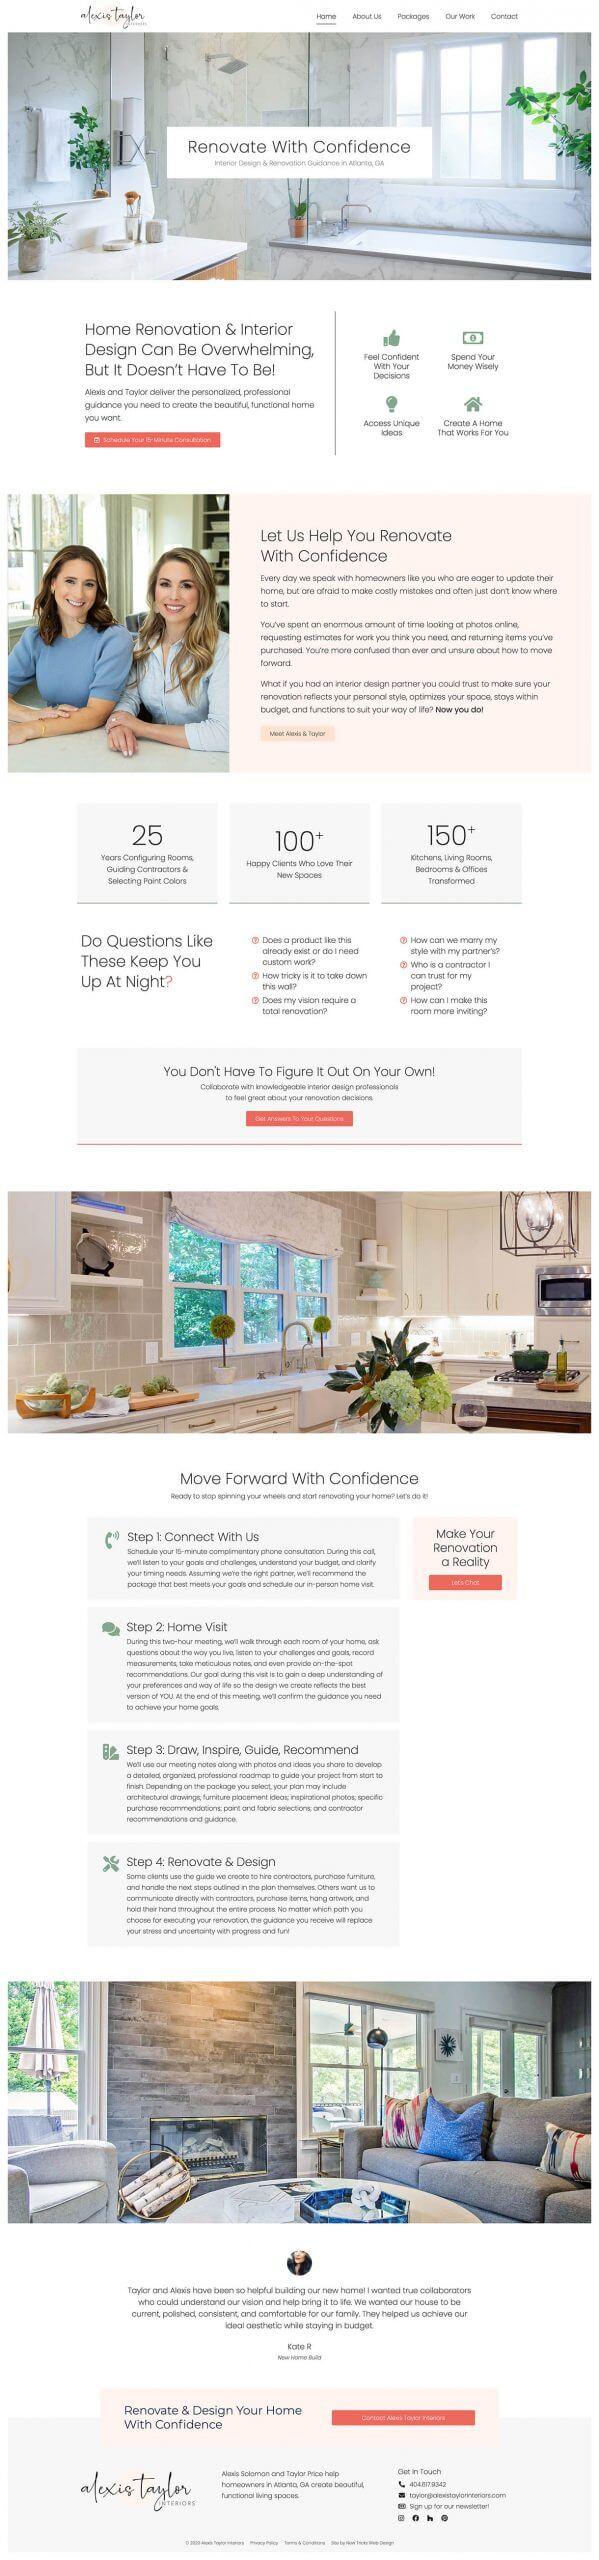 Interiors Web Design